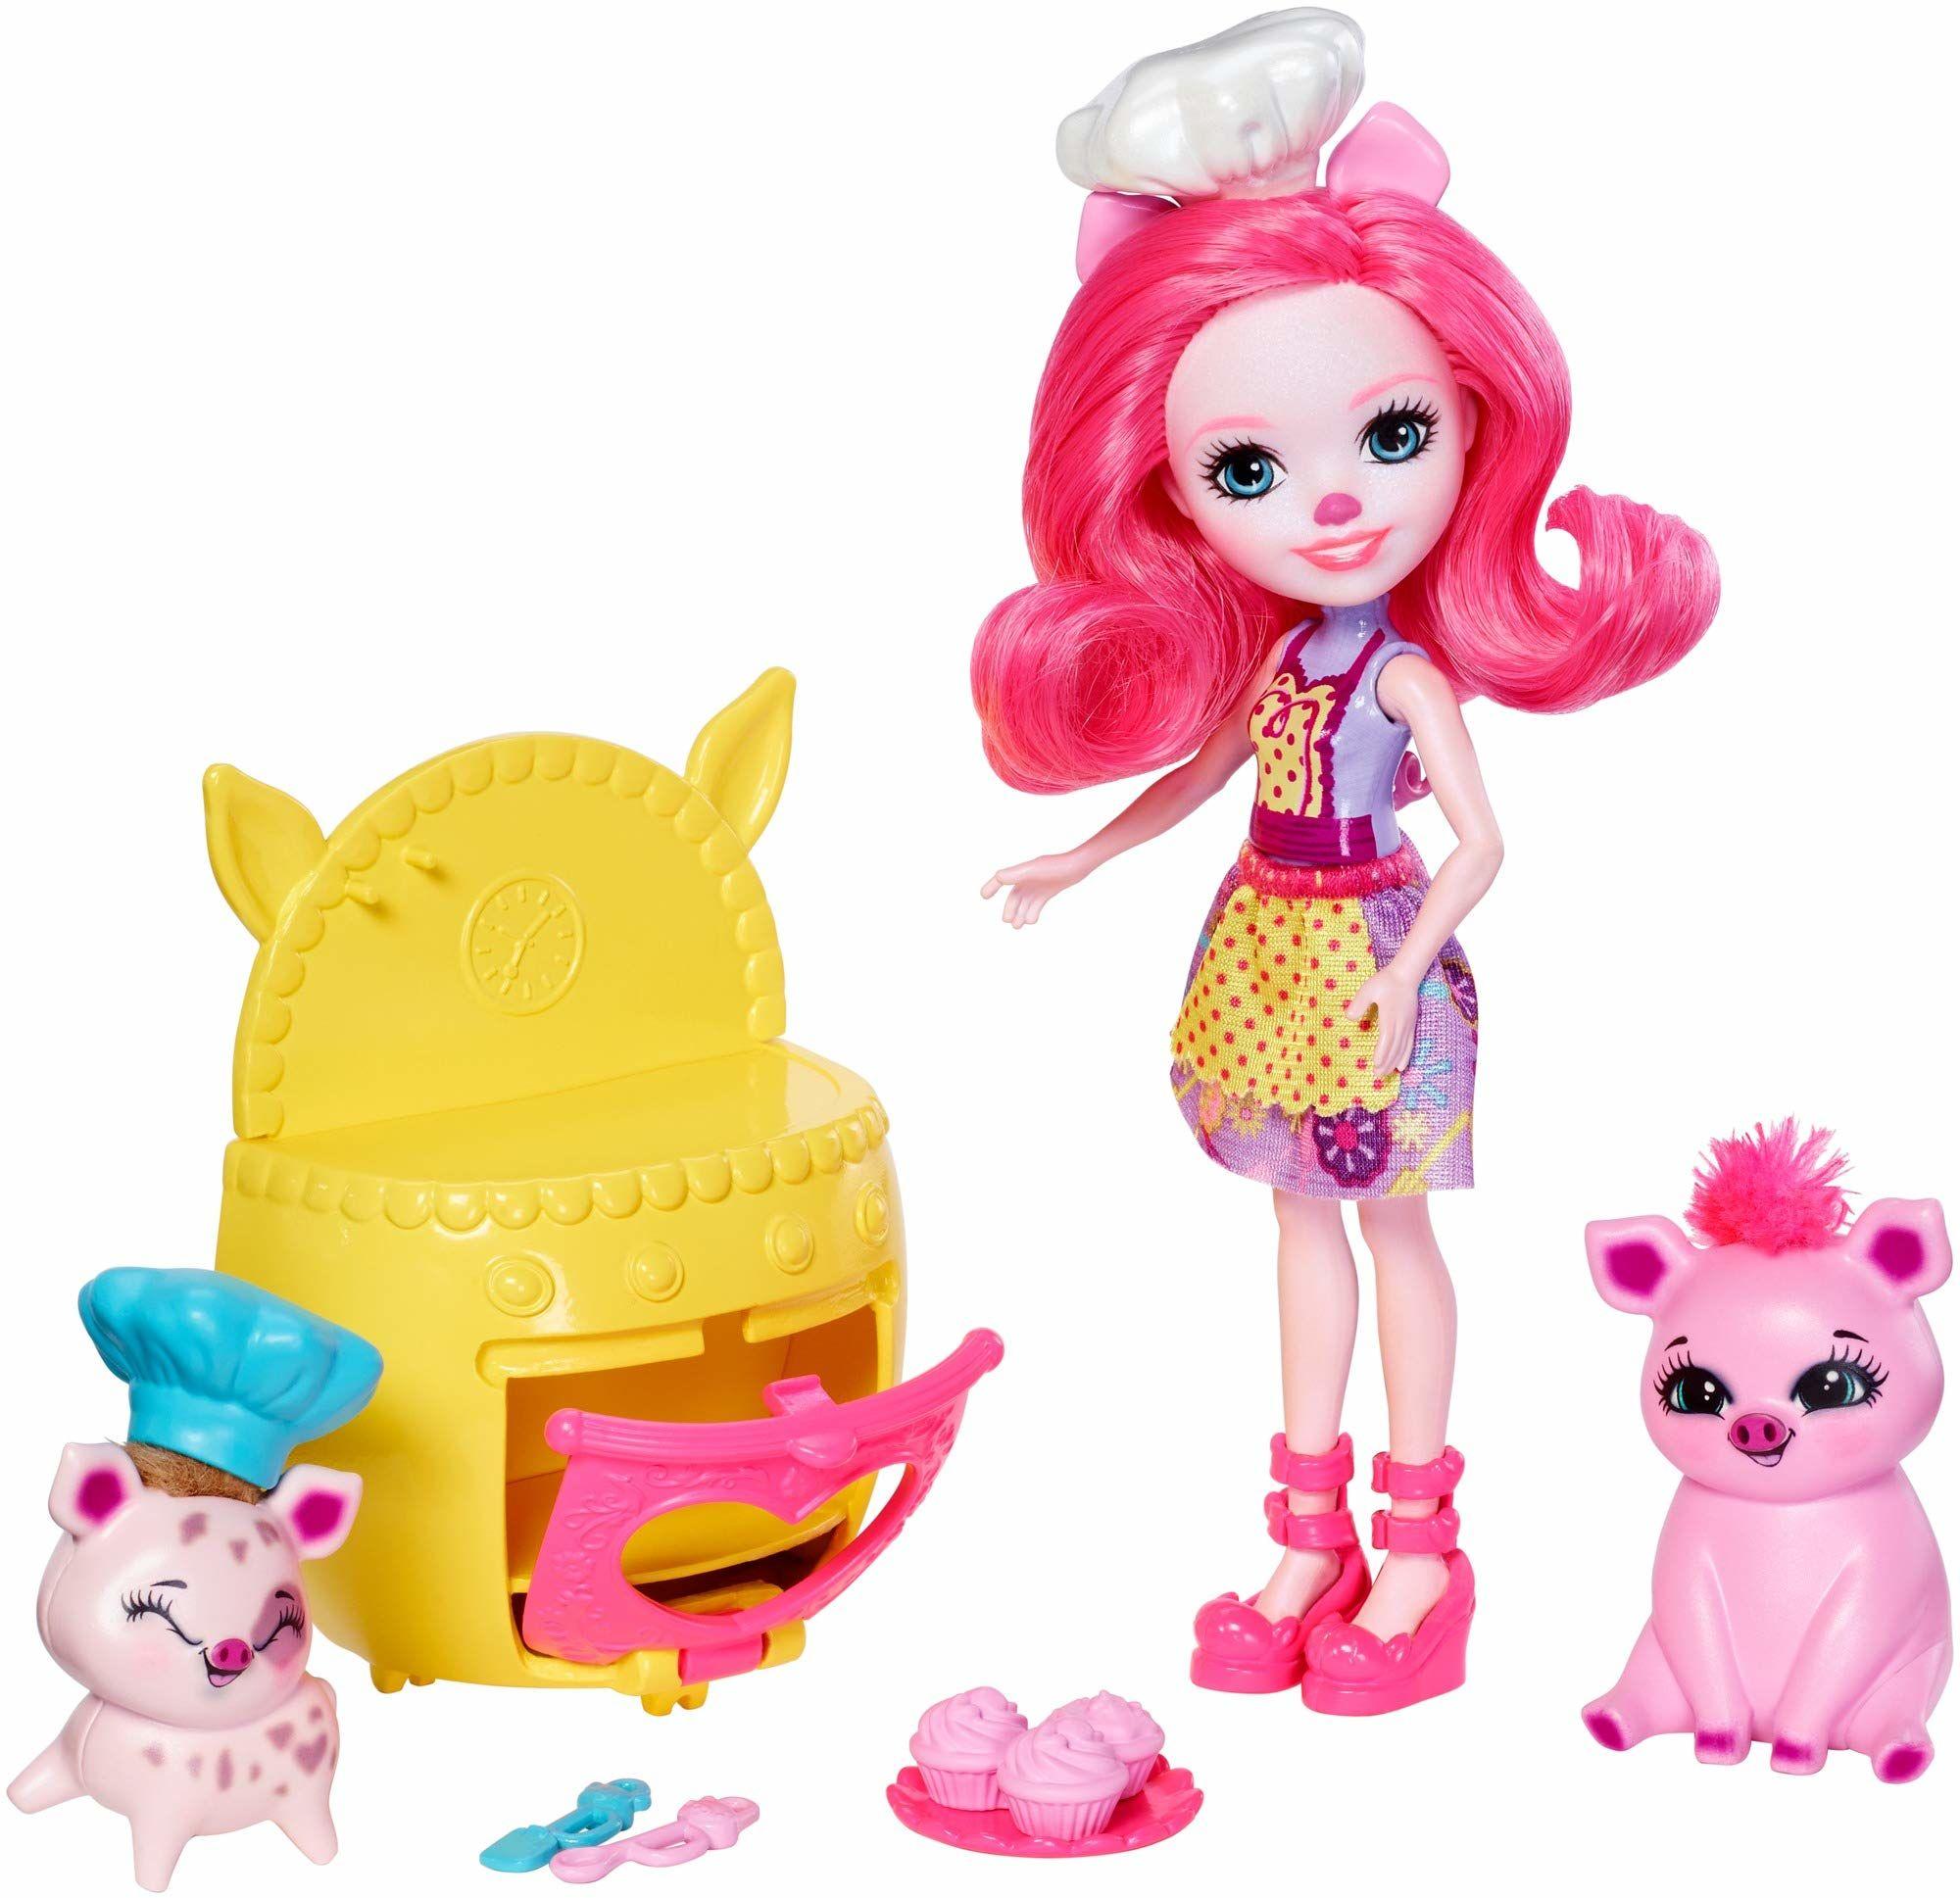 Mattel Enchantimals FJJ28 zestaw tematyczny dla miłośników Backfreunde ze świńskimi misiami, lalką Petya Pig i 2 przyjaciółmi zwierząt